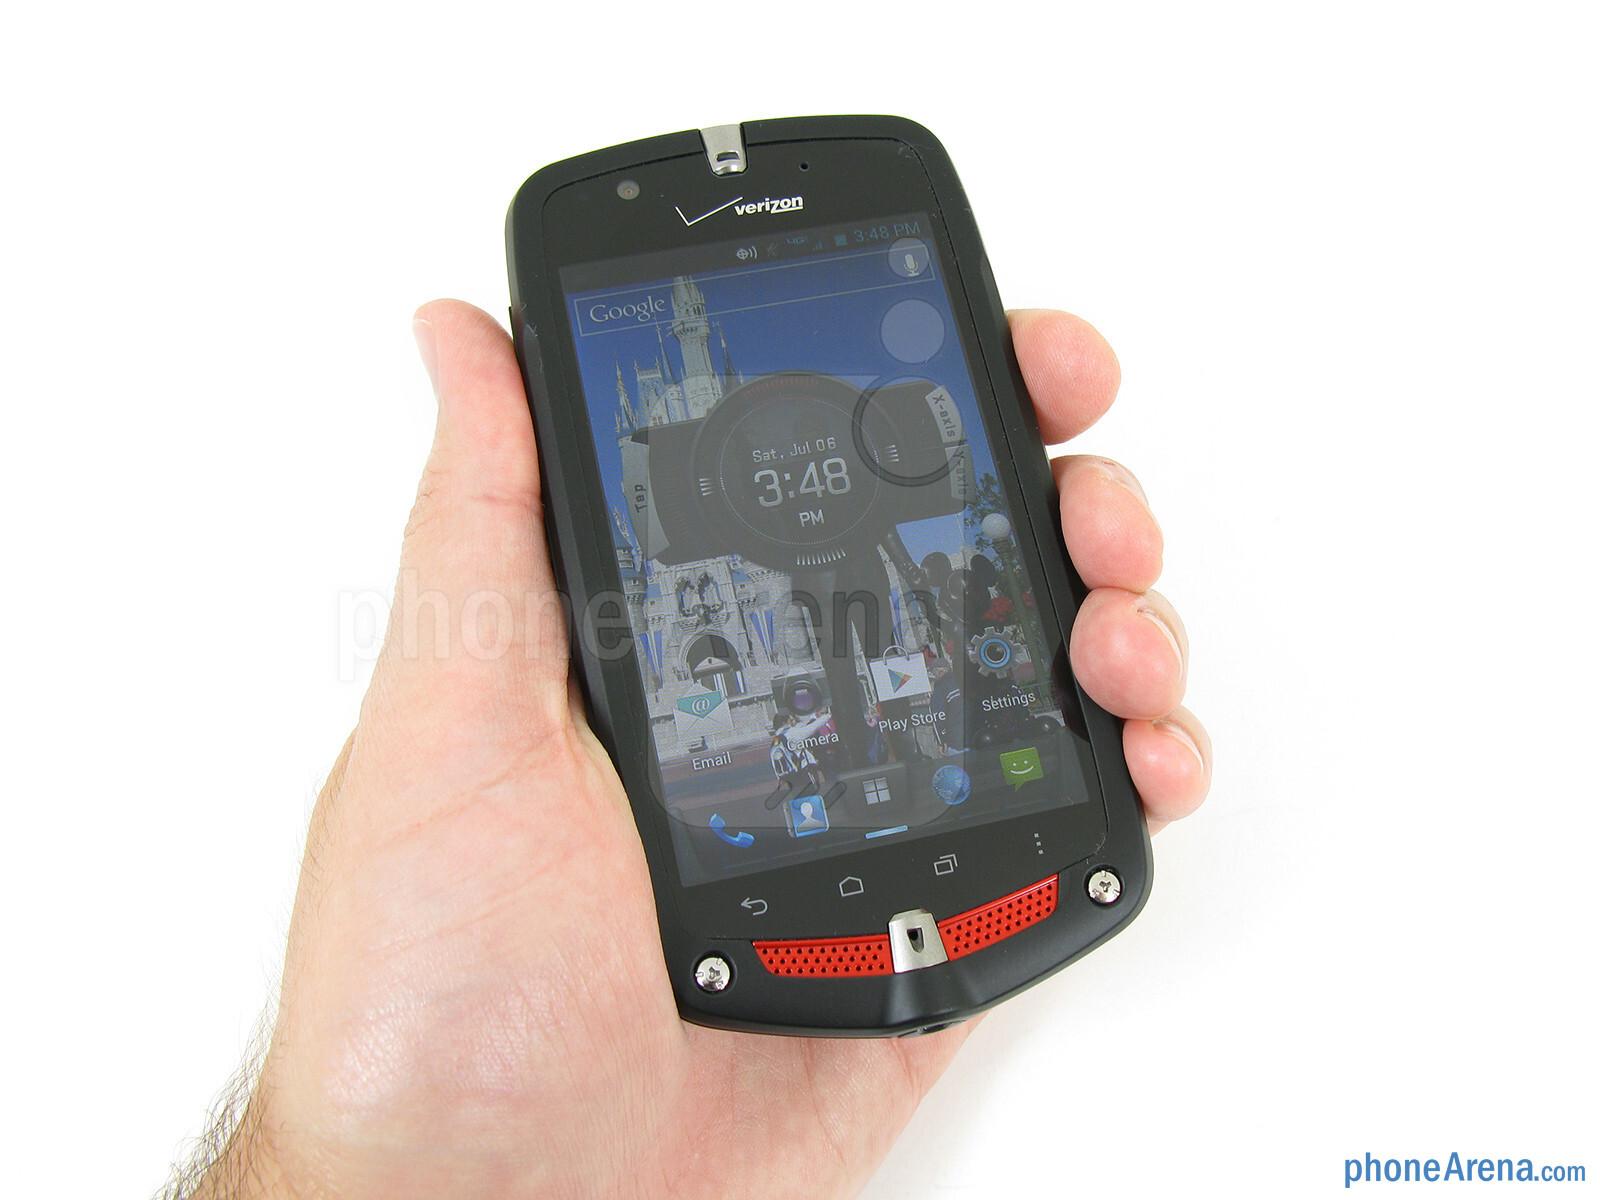 casio g zone commando 4g lte review rh phonearena com Casio G'zOne Manual Casio G'zOne Accessories